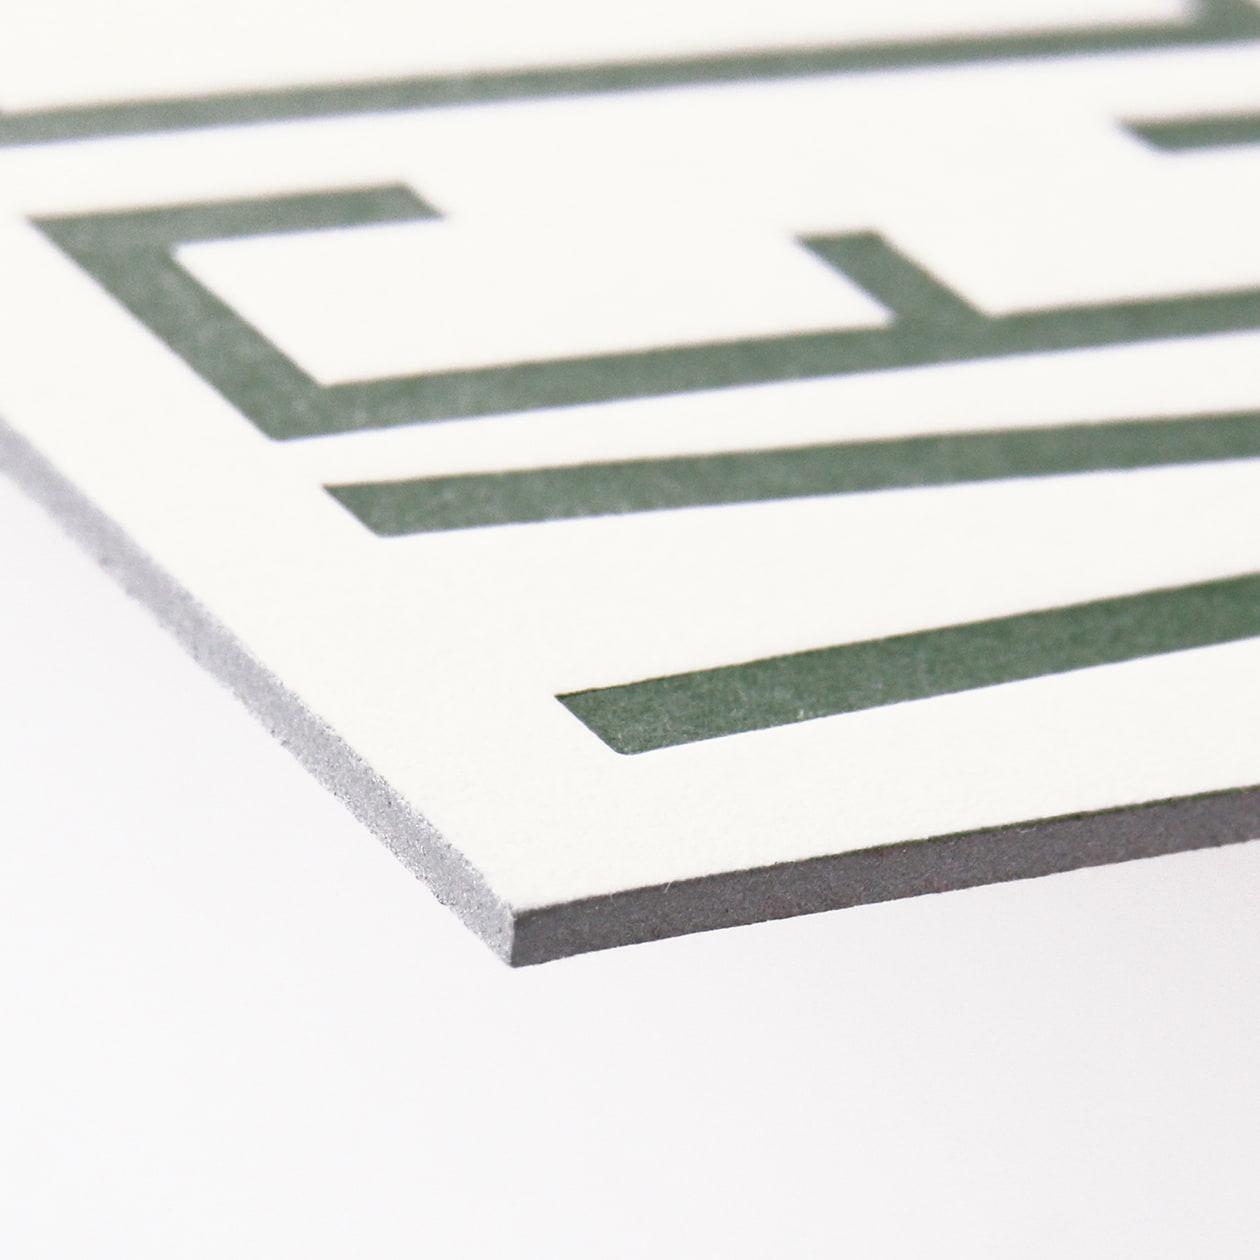 サンプル カード・シート 00133